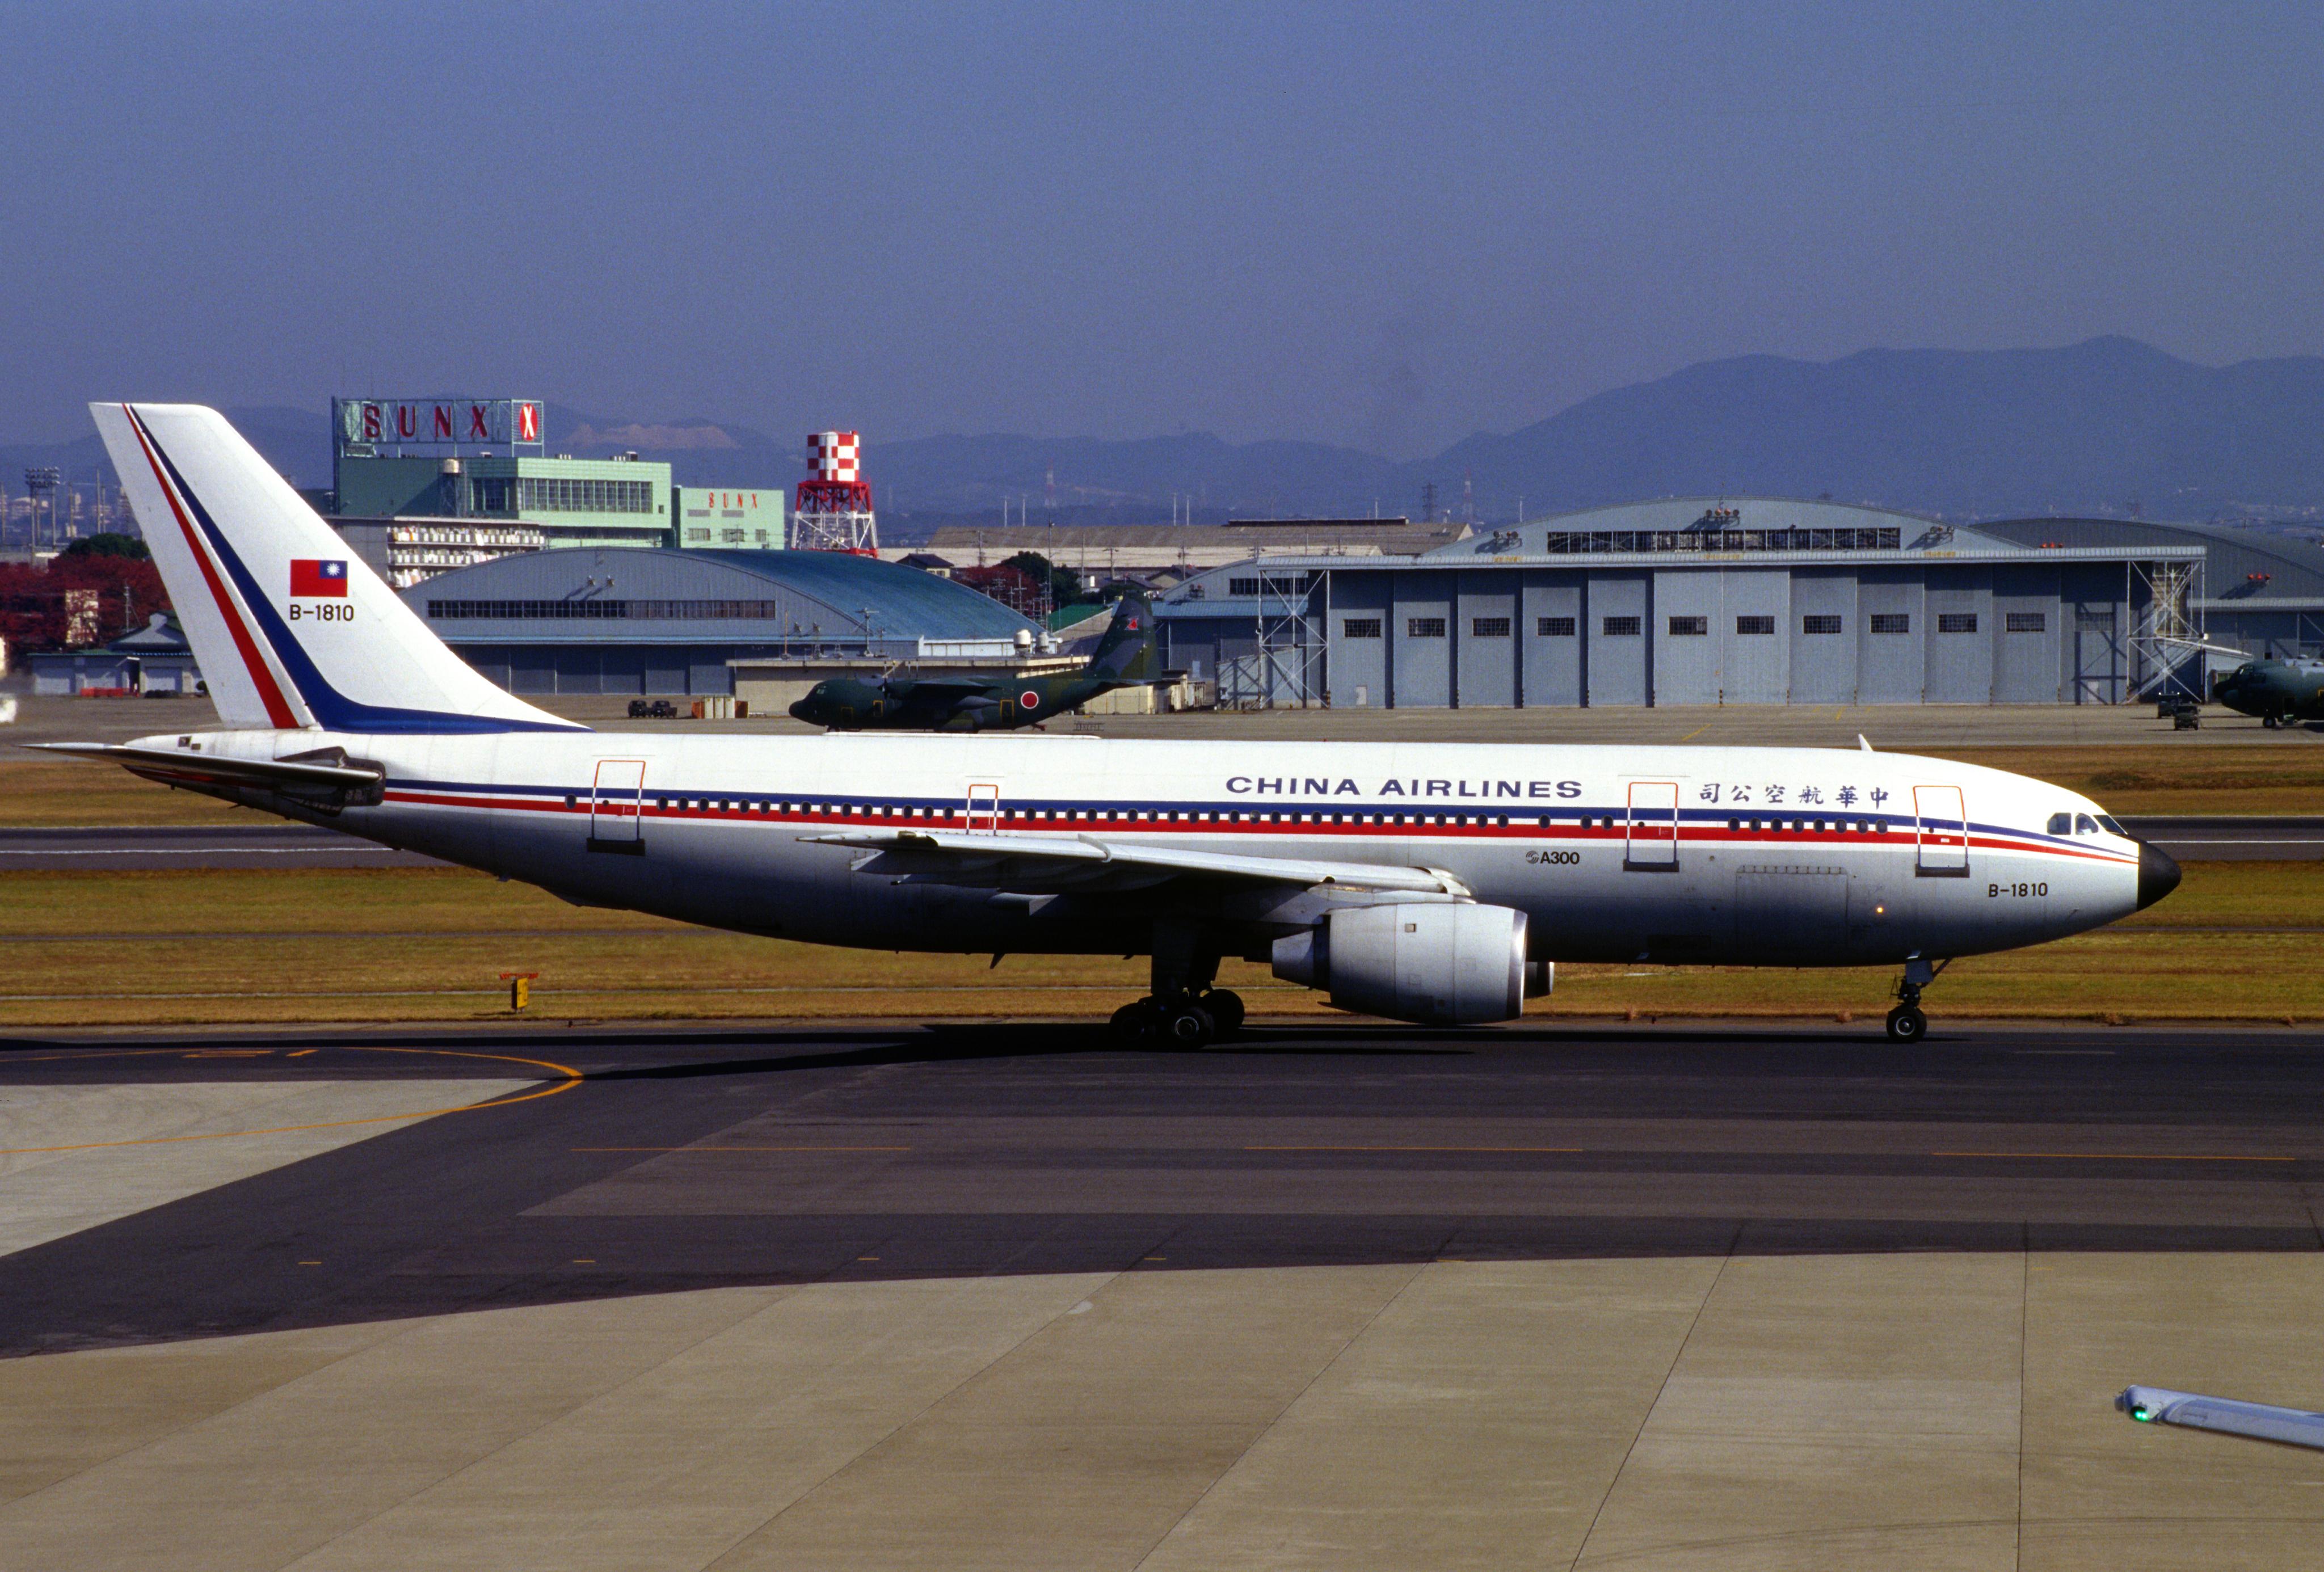 名古屋 空港 事故 中華航空140便墜落事故 - Wikipedia